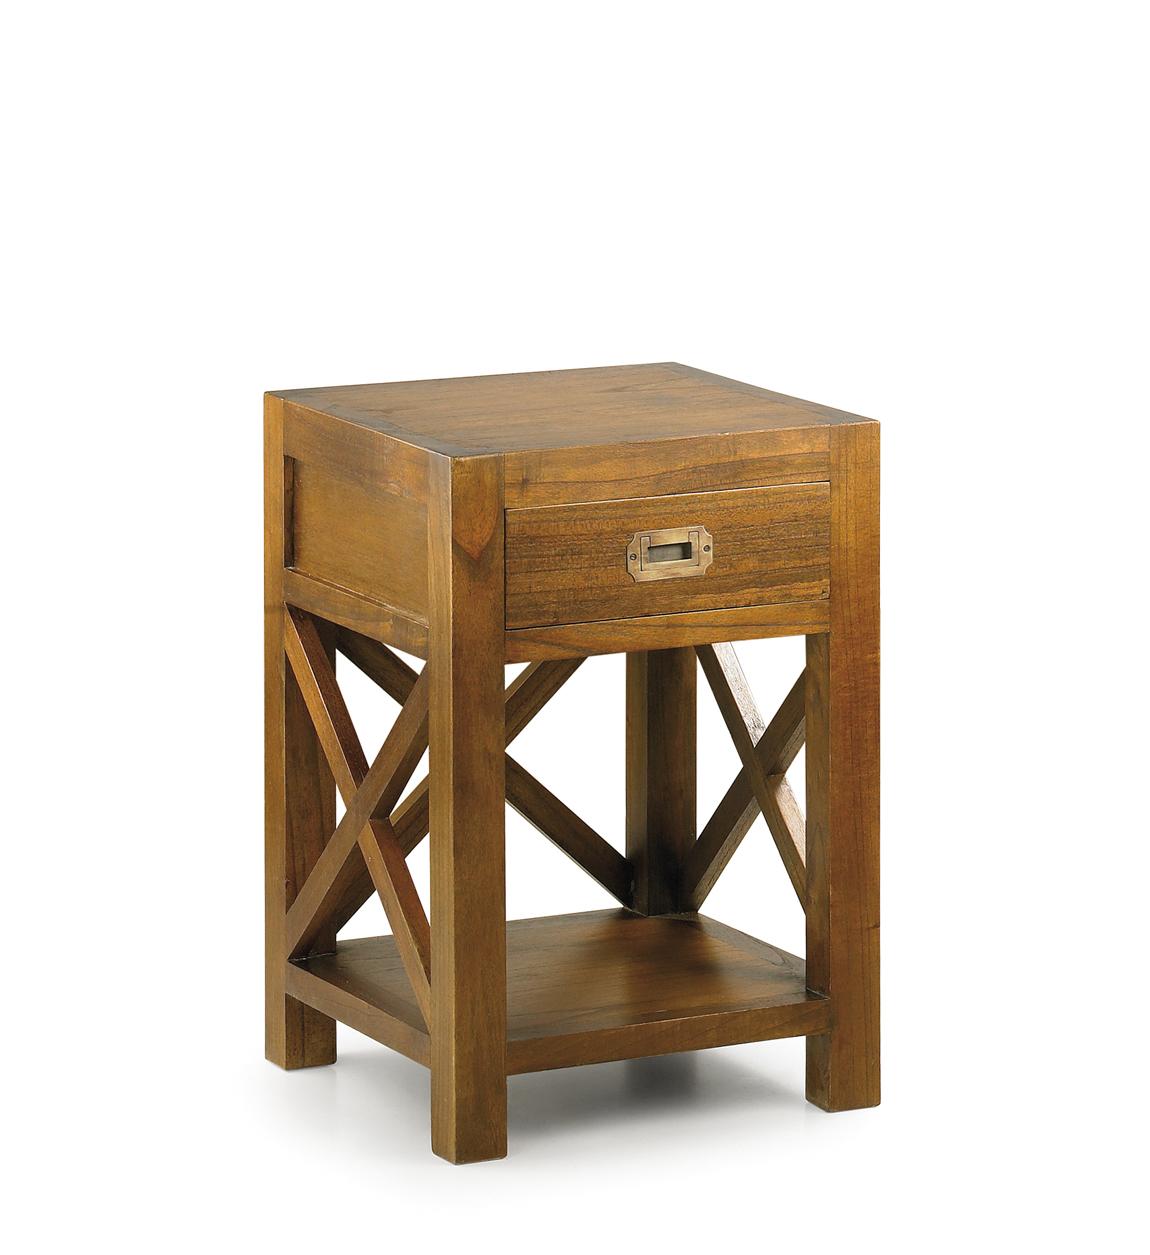 Table de chevet en bois marron L 40 cm